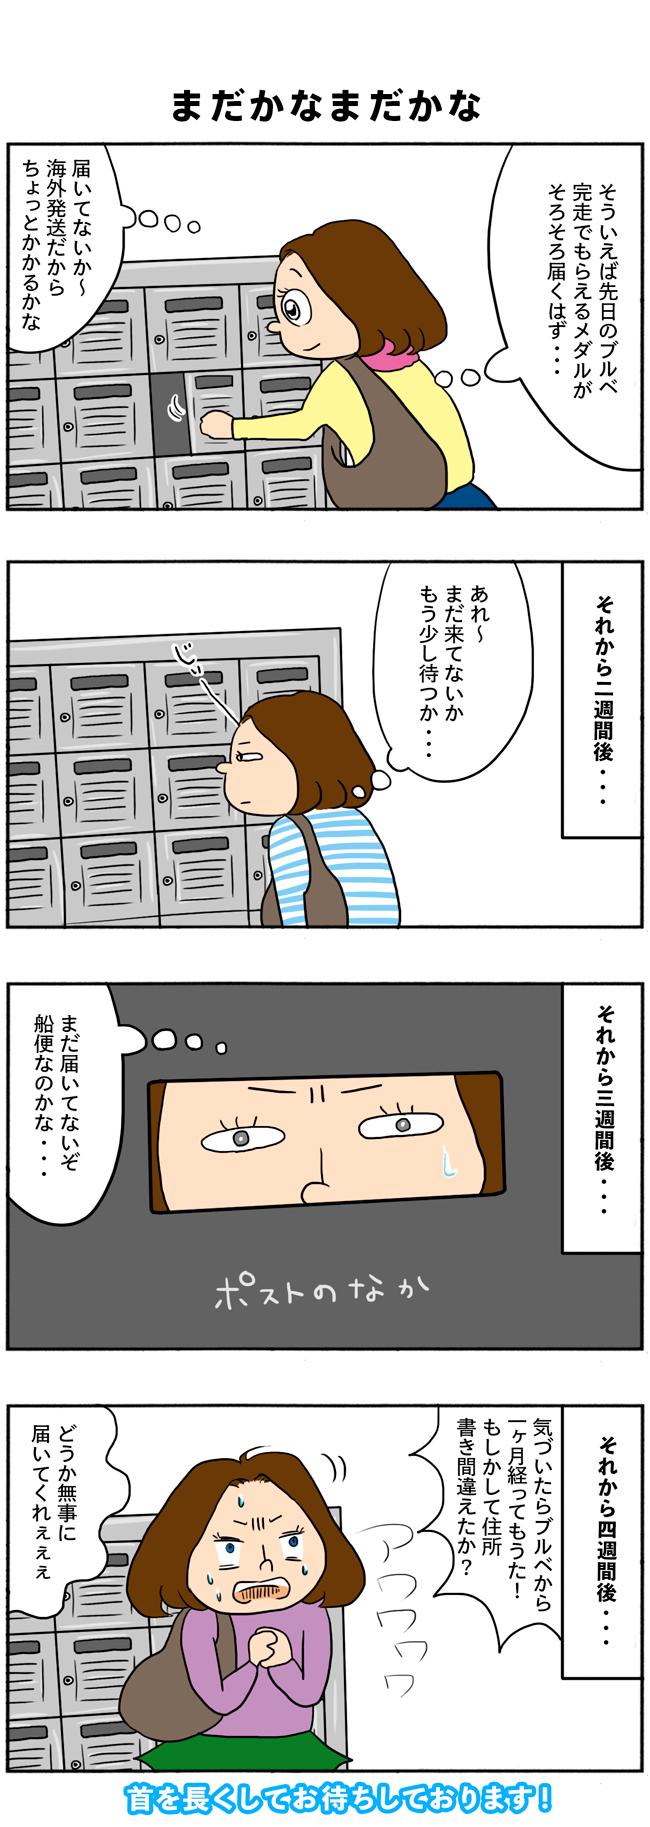 【四コマ漫画】まだかなまだかな〜ブルベ完走後から待ち続けているもの〜メダルが届かない!いつ届くの!?